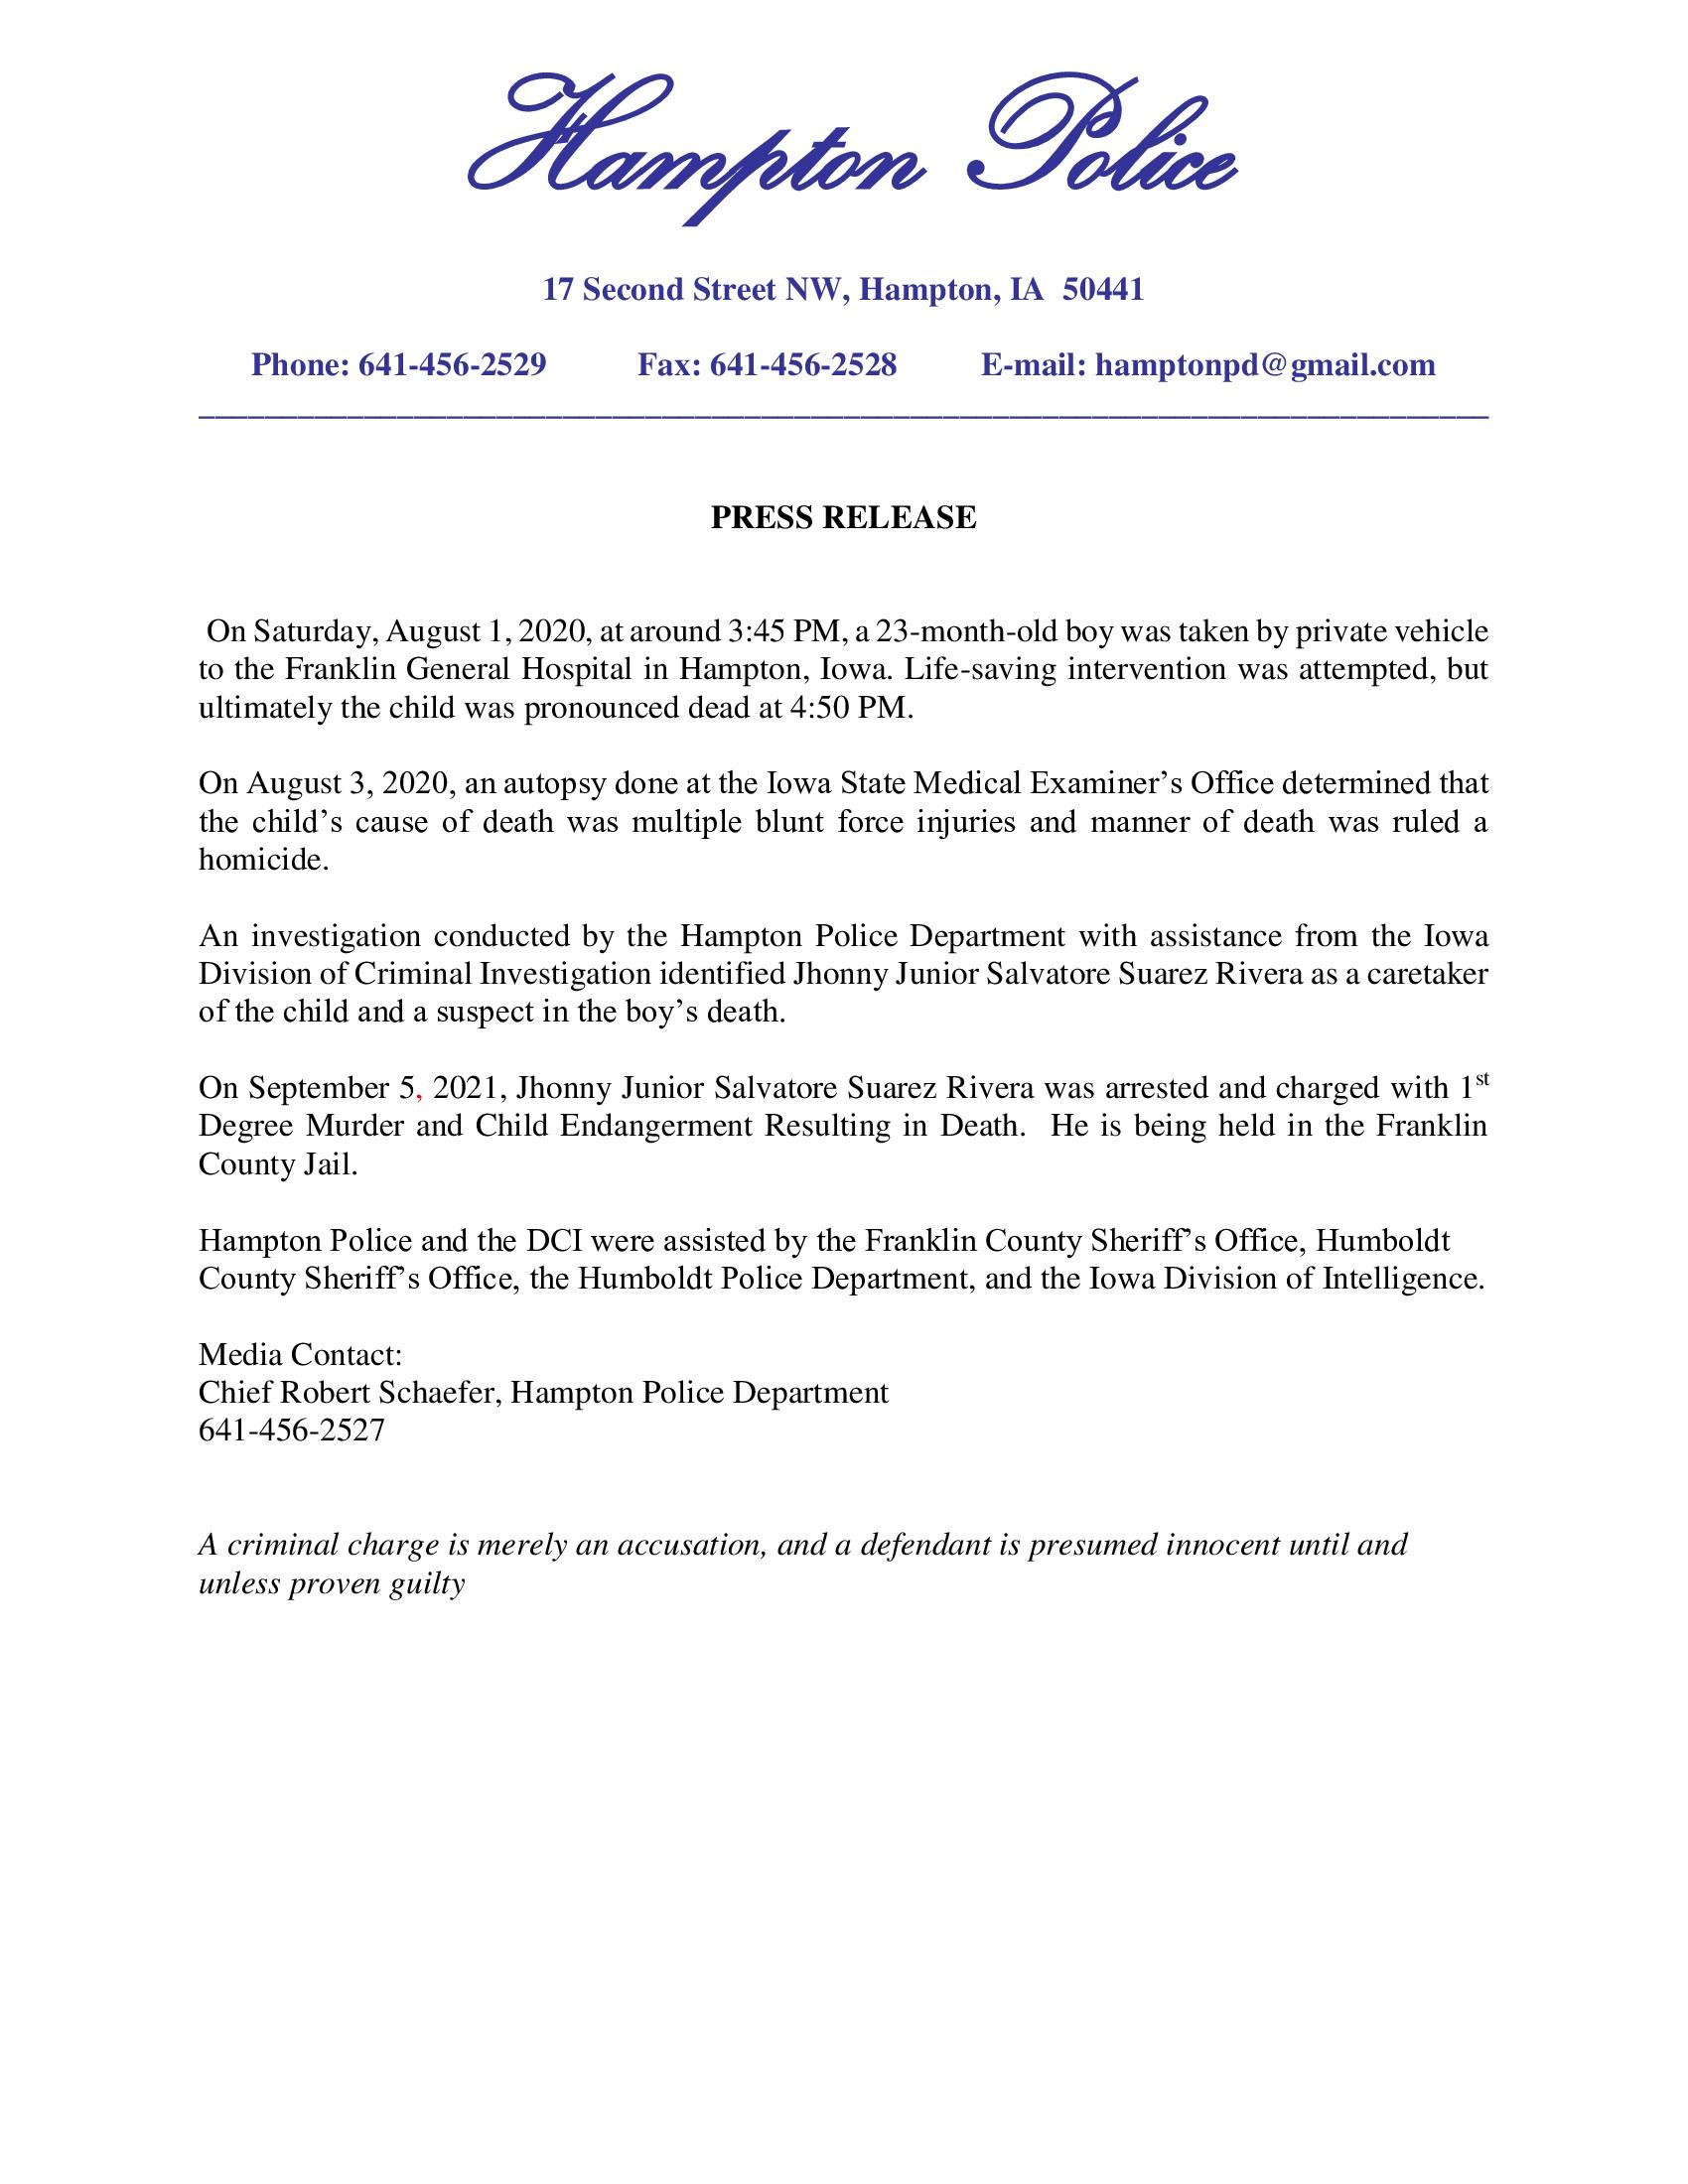 Hampton PD Press Release